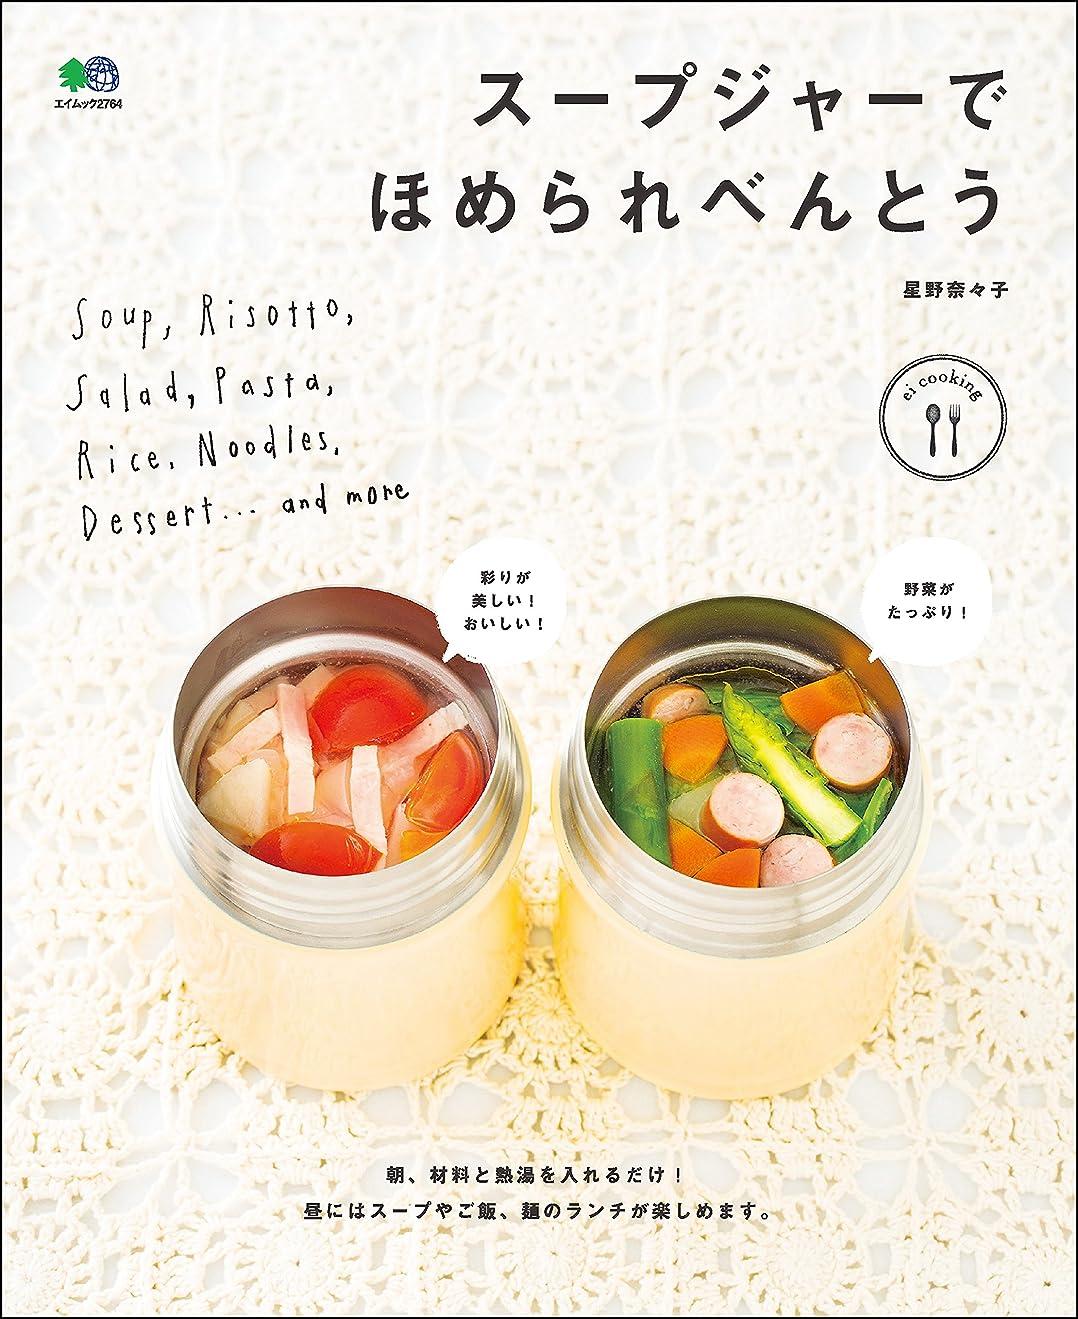 むちゃくちゃリーチ考えスープジャーでほめられべんとう[雑誌] ei cooking